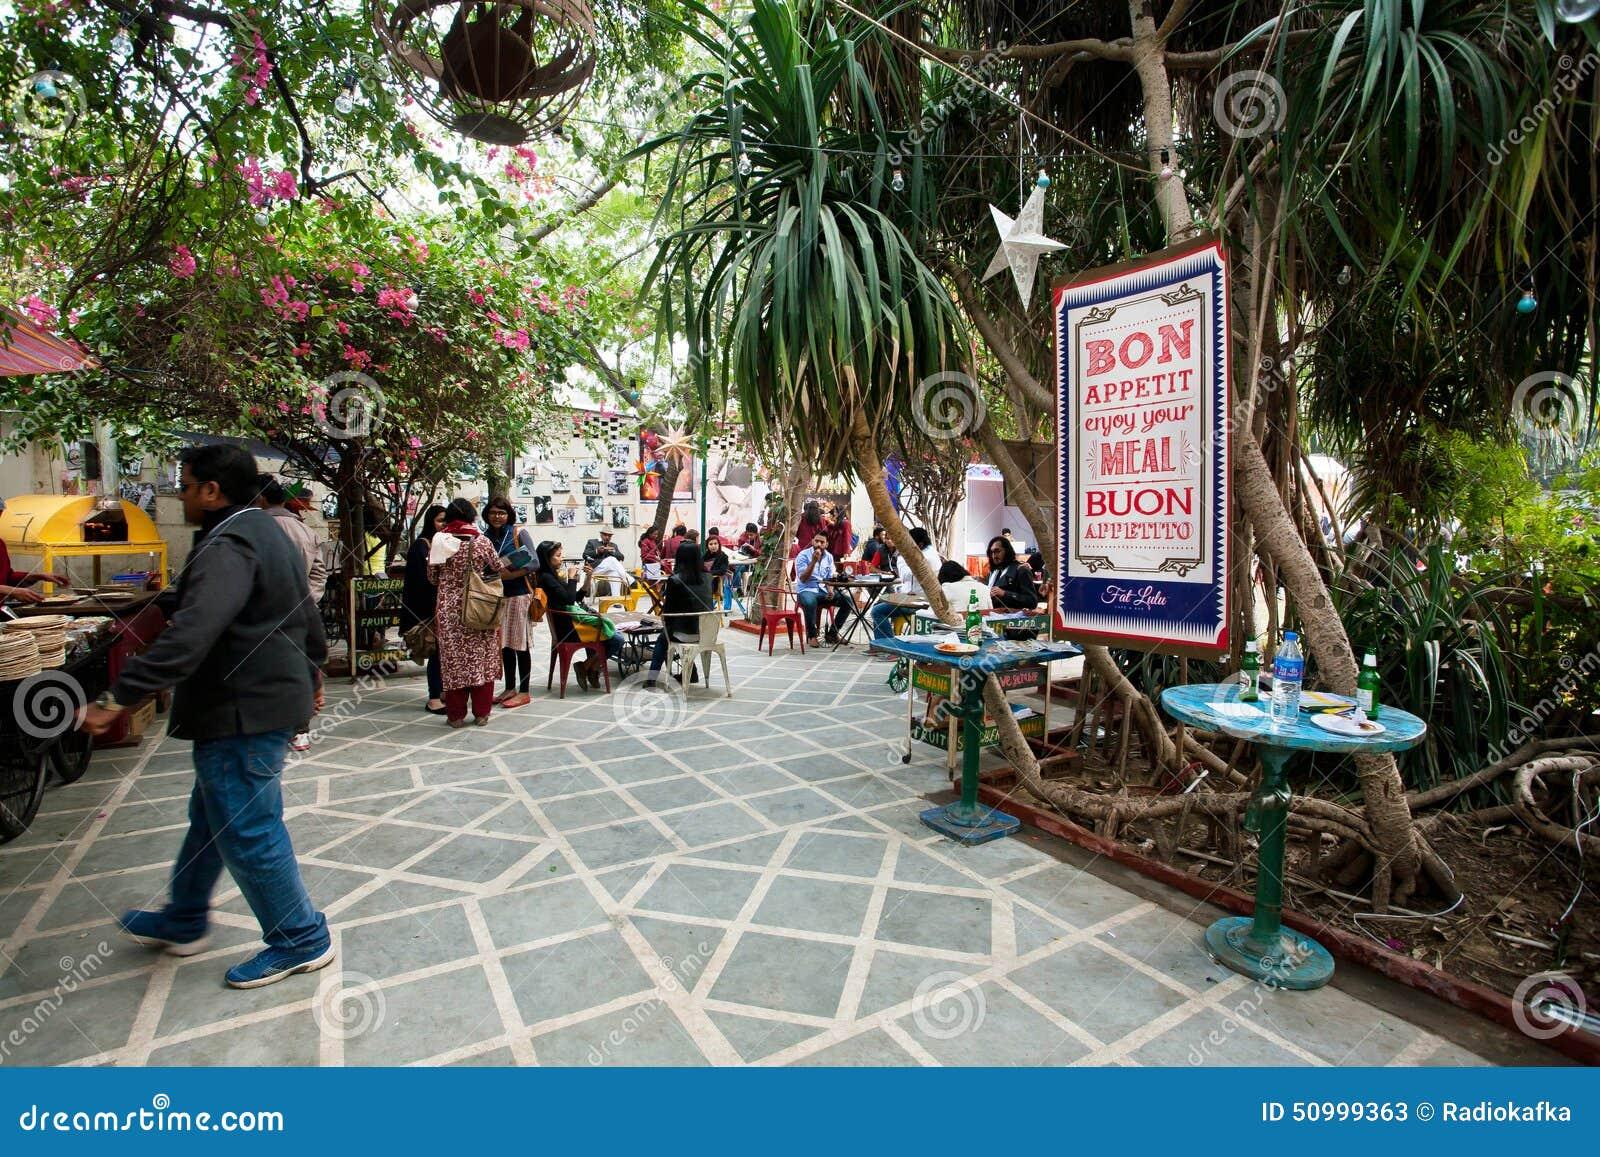 Besucher Cafés des im Freien sitzend unter den tropischen Bäumen